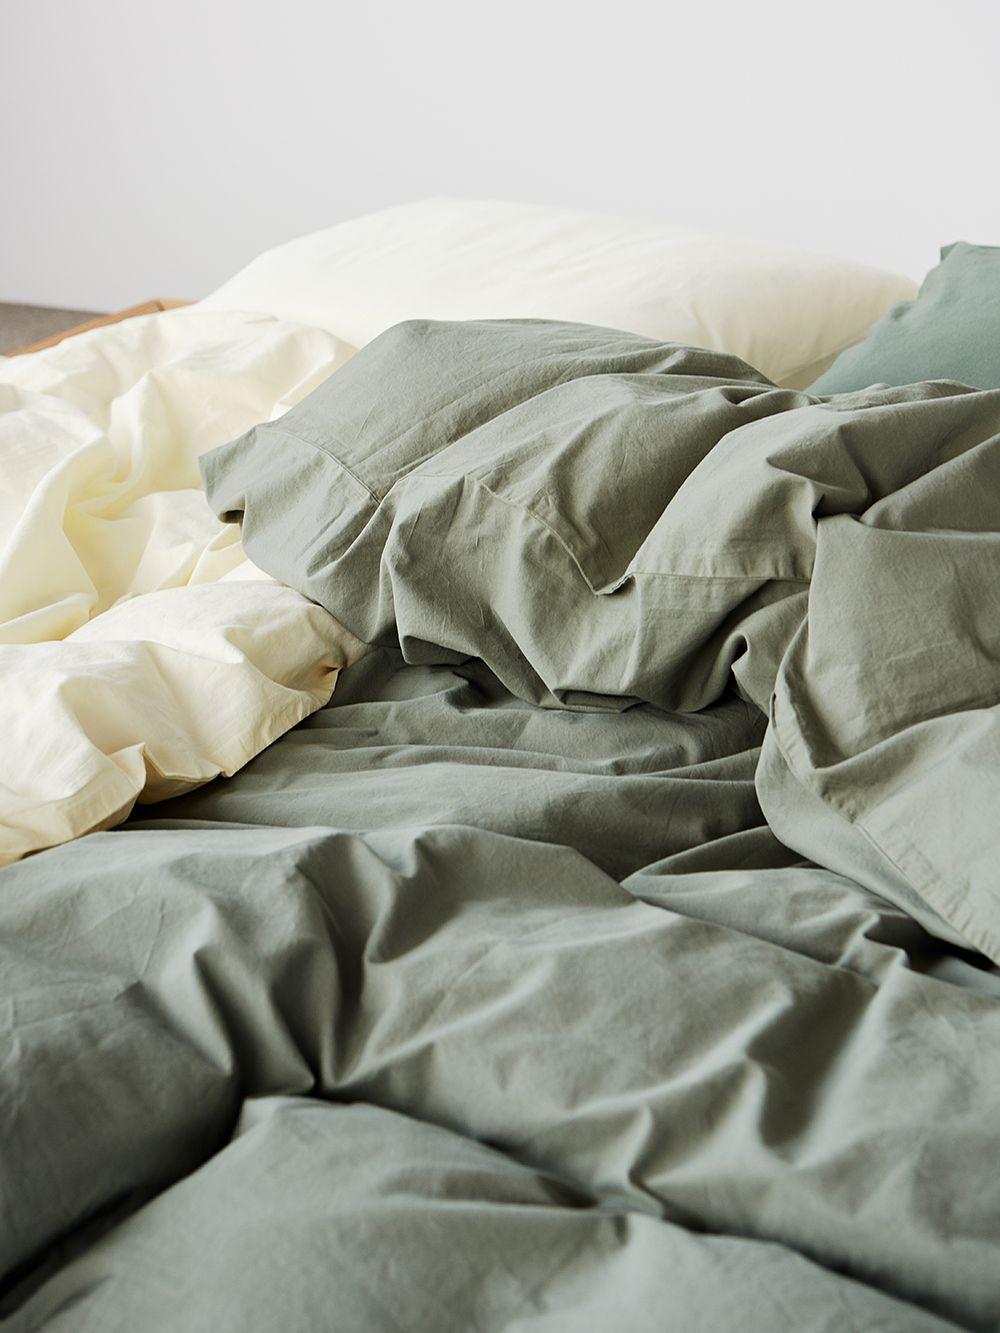 Teklan oliivinvihreä pussilakana sängyllä.